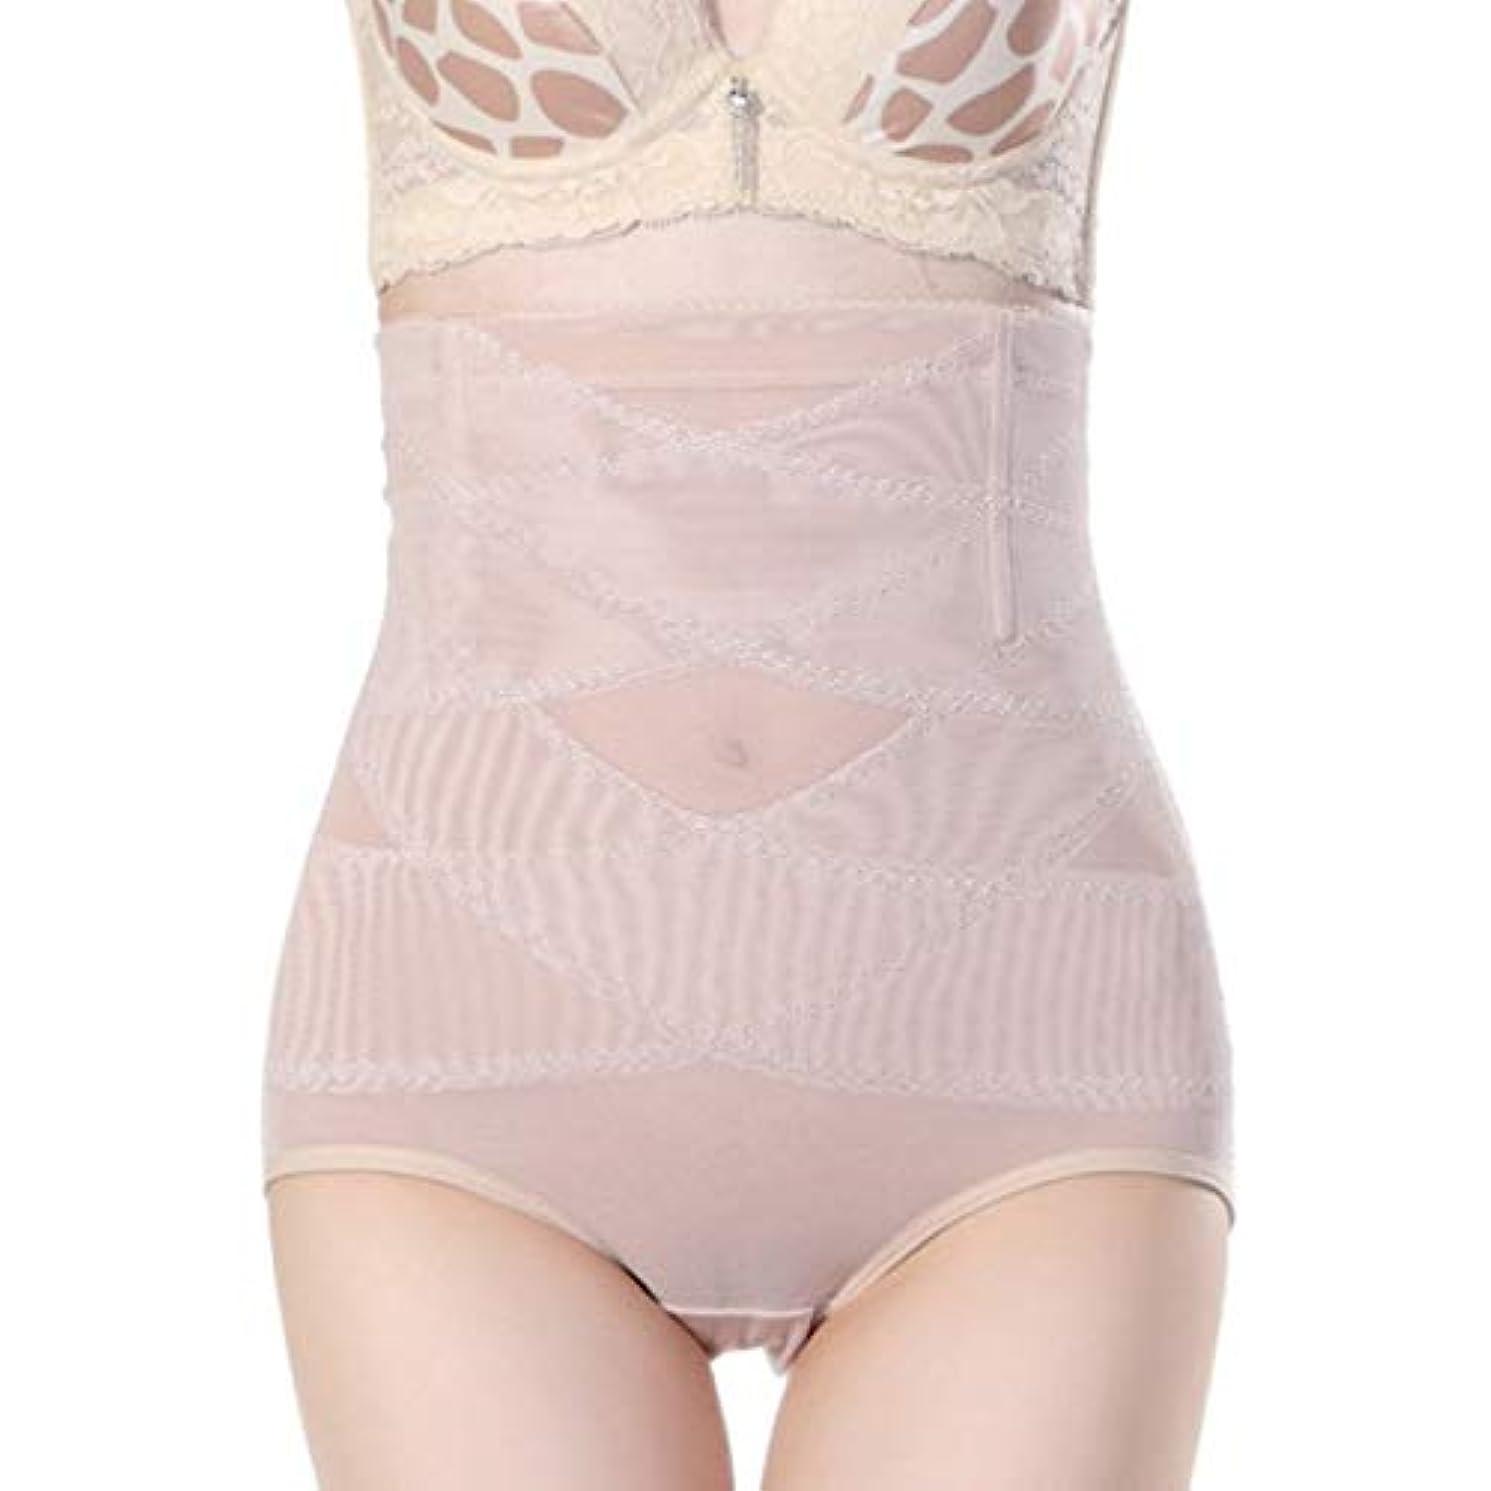 コロニーしなやかな赤ちゃん腹部制御下着シームレスおなかコントロールパンティーバットリフターボディシェイパーを痩身通気性のハイウエストの女性 - 肌色L